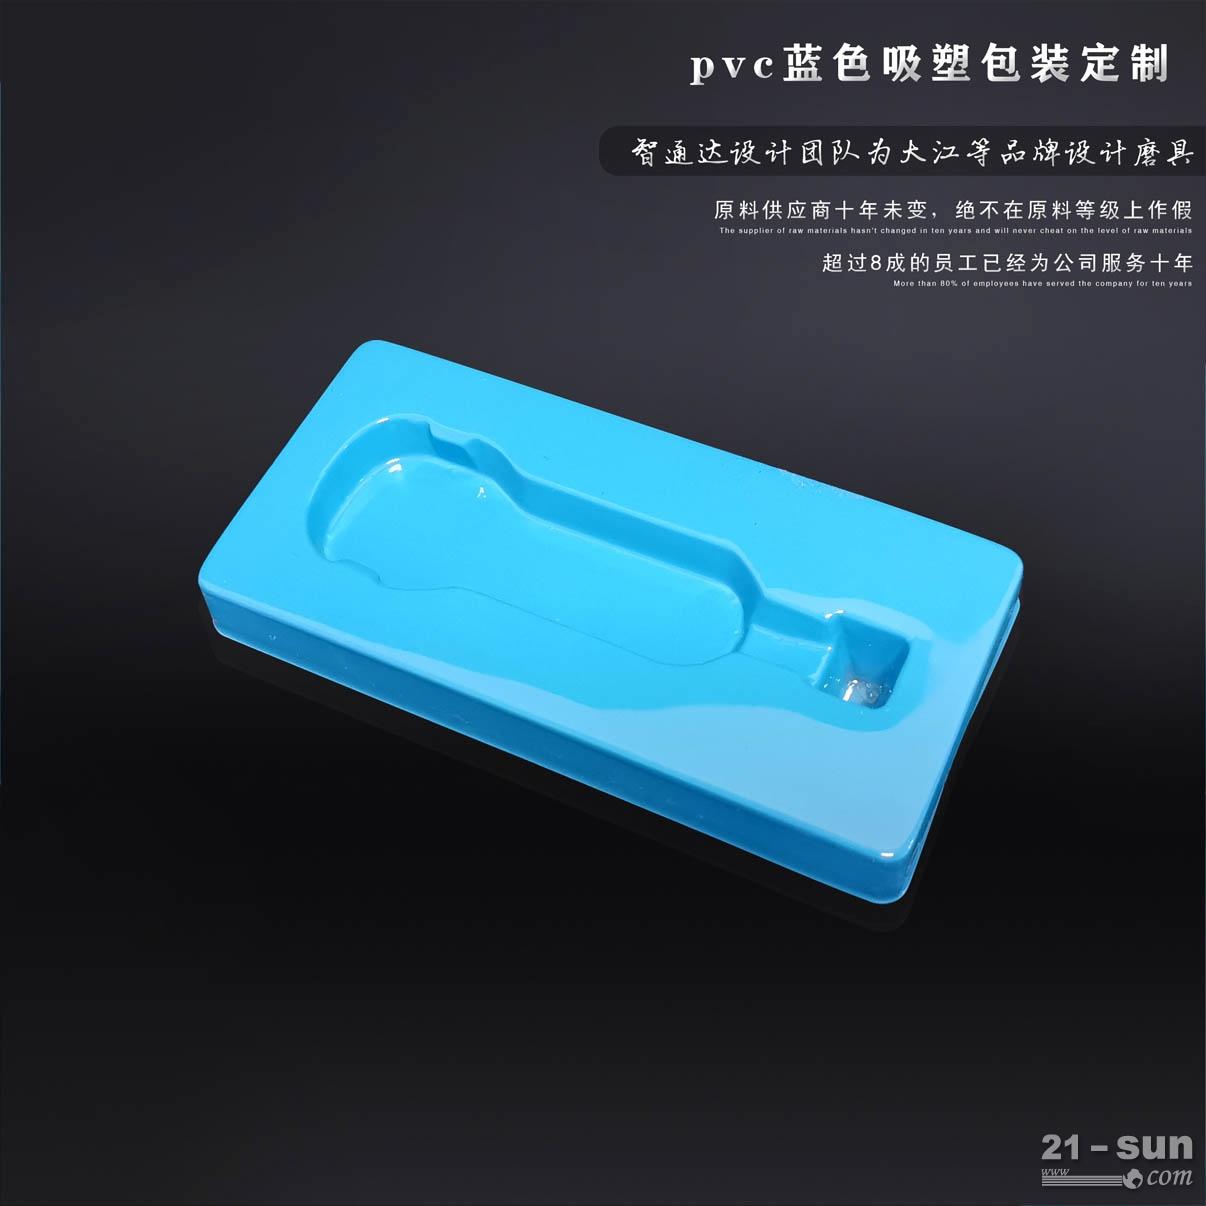 深圳吸塑包装厂家_吸塑包装制品-智通达吸塑包装厂家